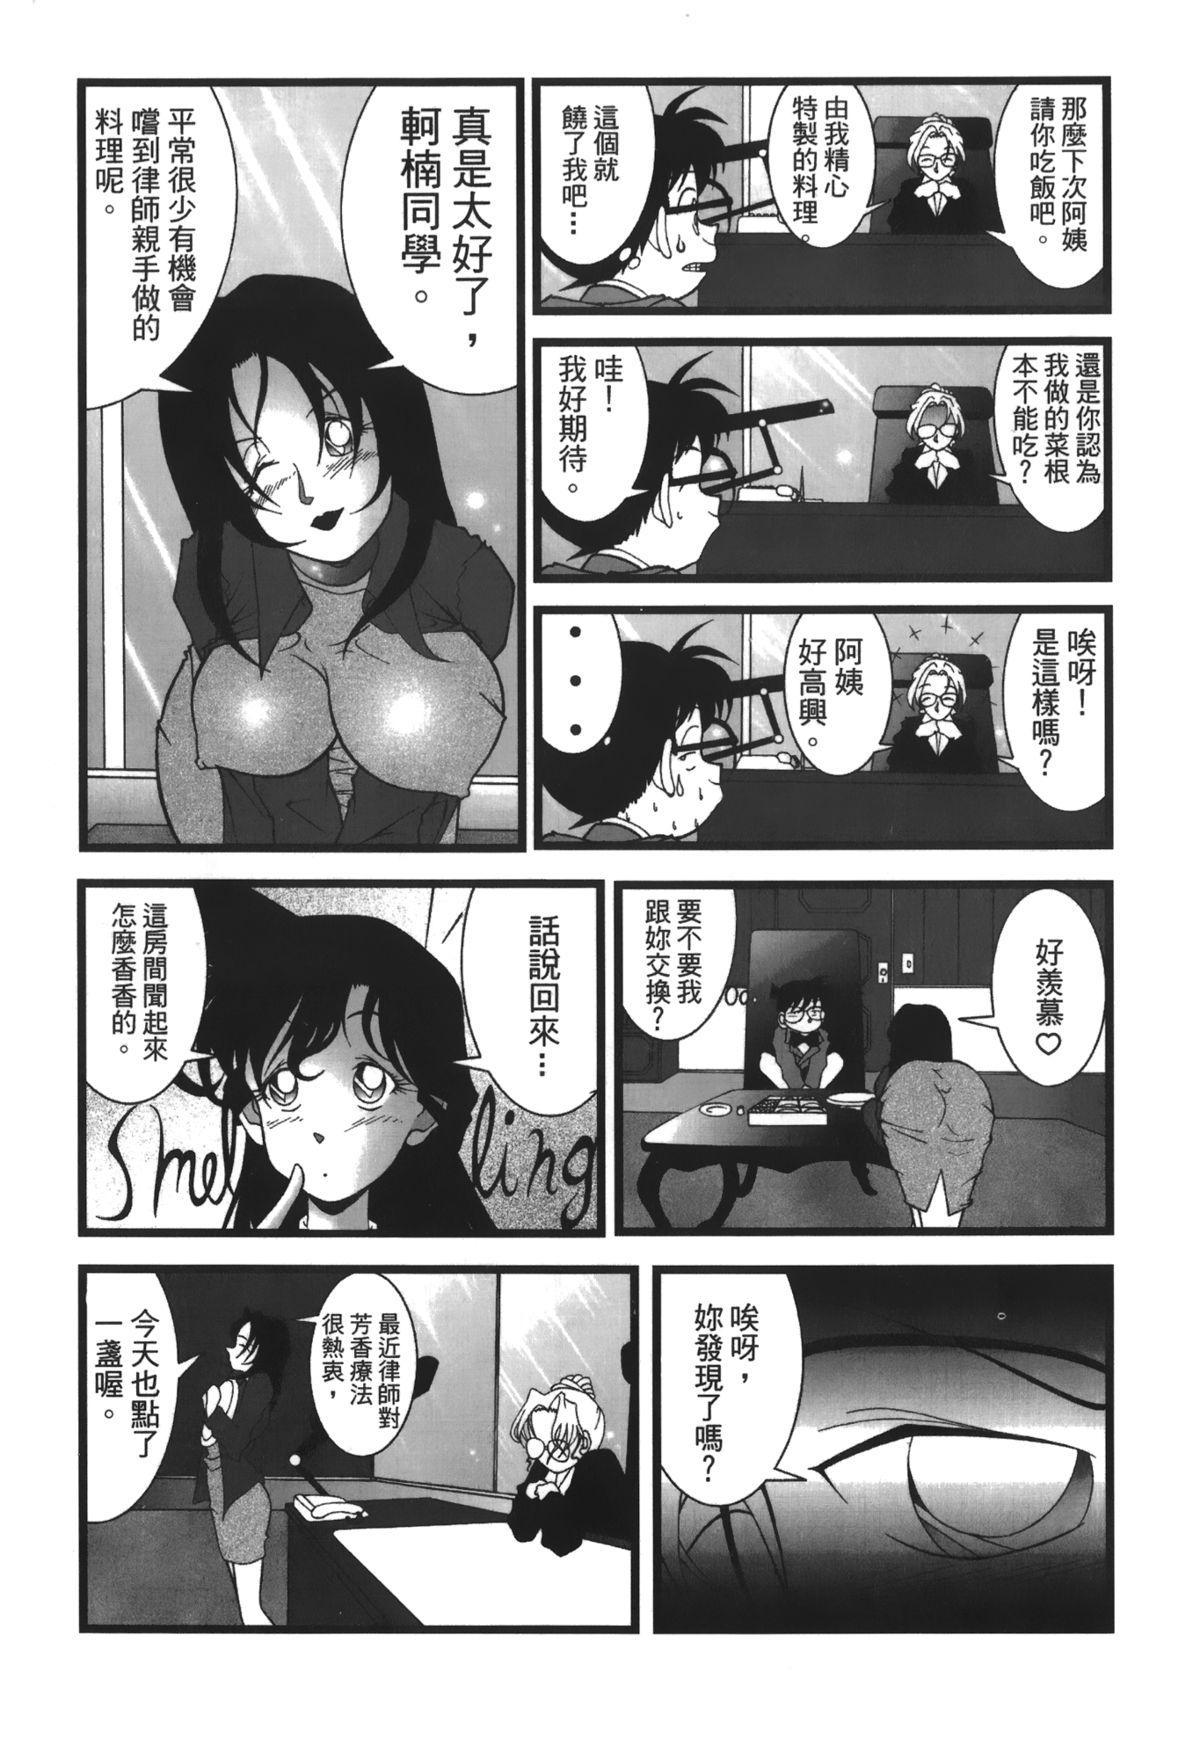 Detective Assistant Vol. 13 27